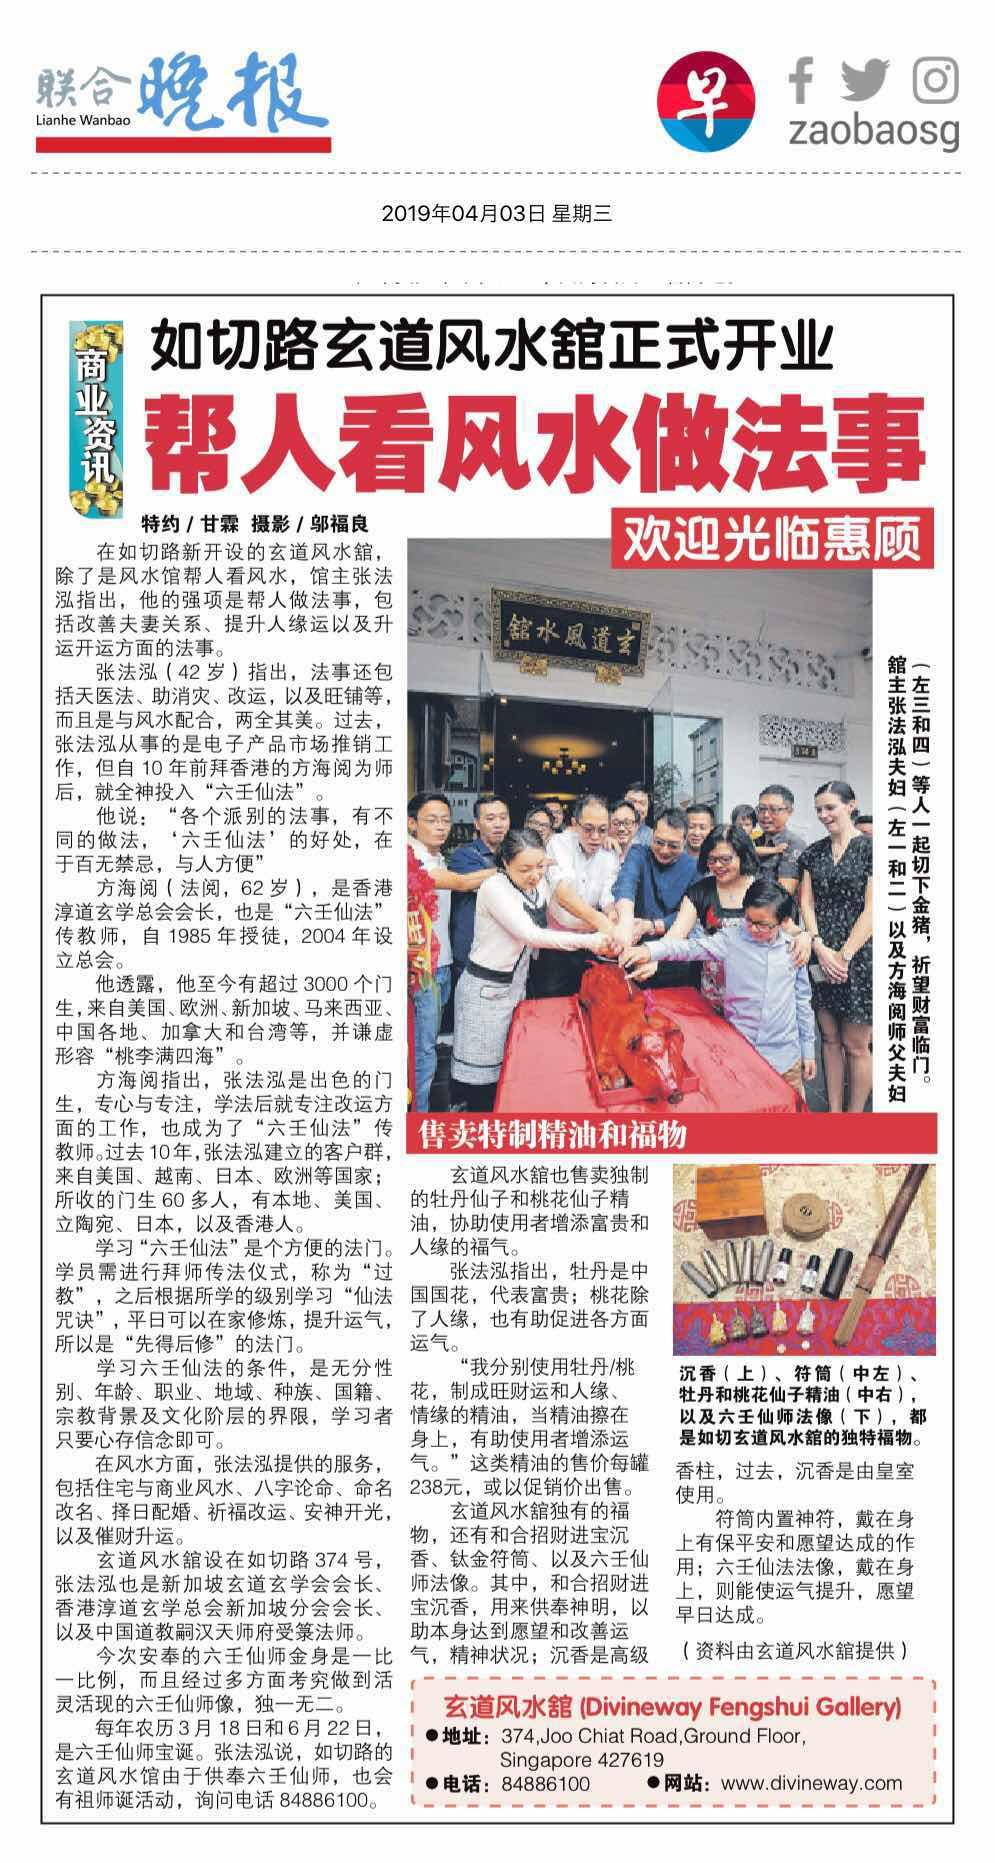 《六壬仙師玄道風水舘》 張法泓 新加坡六壬仙法傳教師 風水師傳 Divineway Fengshui Master Louis Cheung